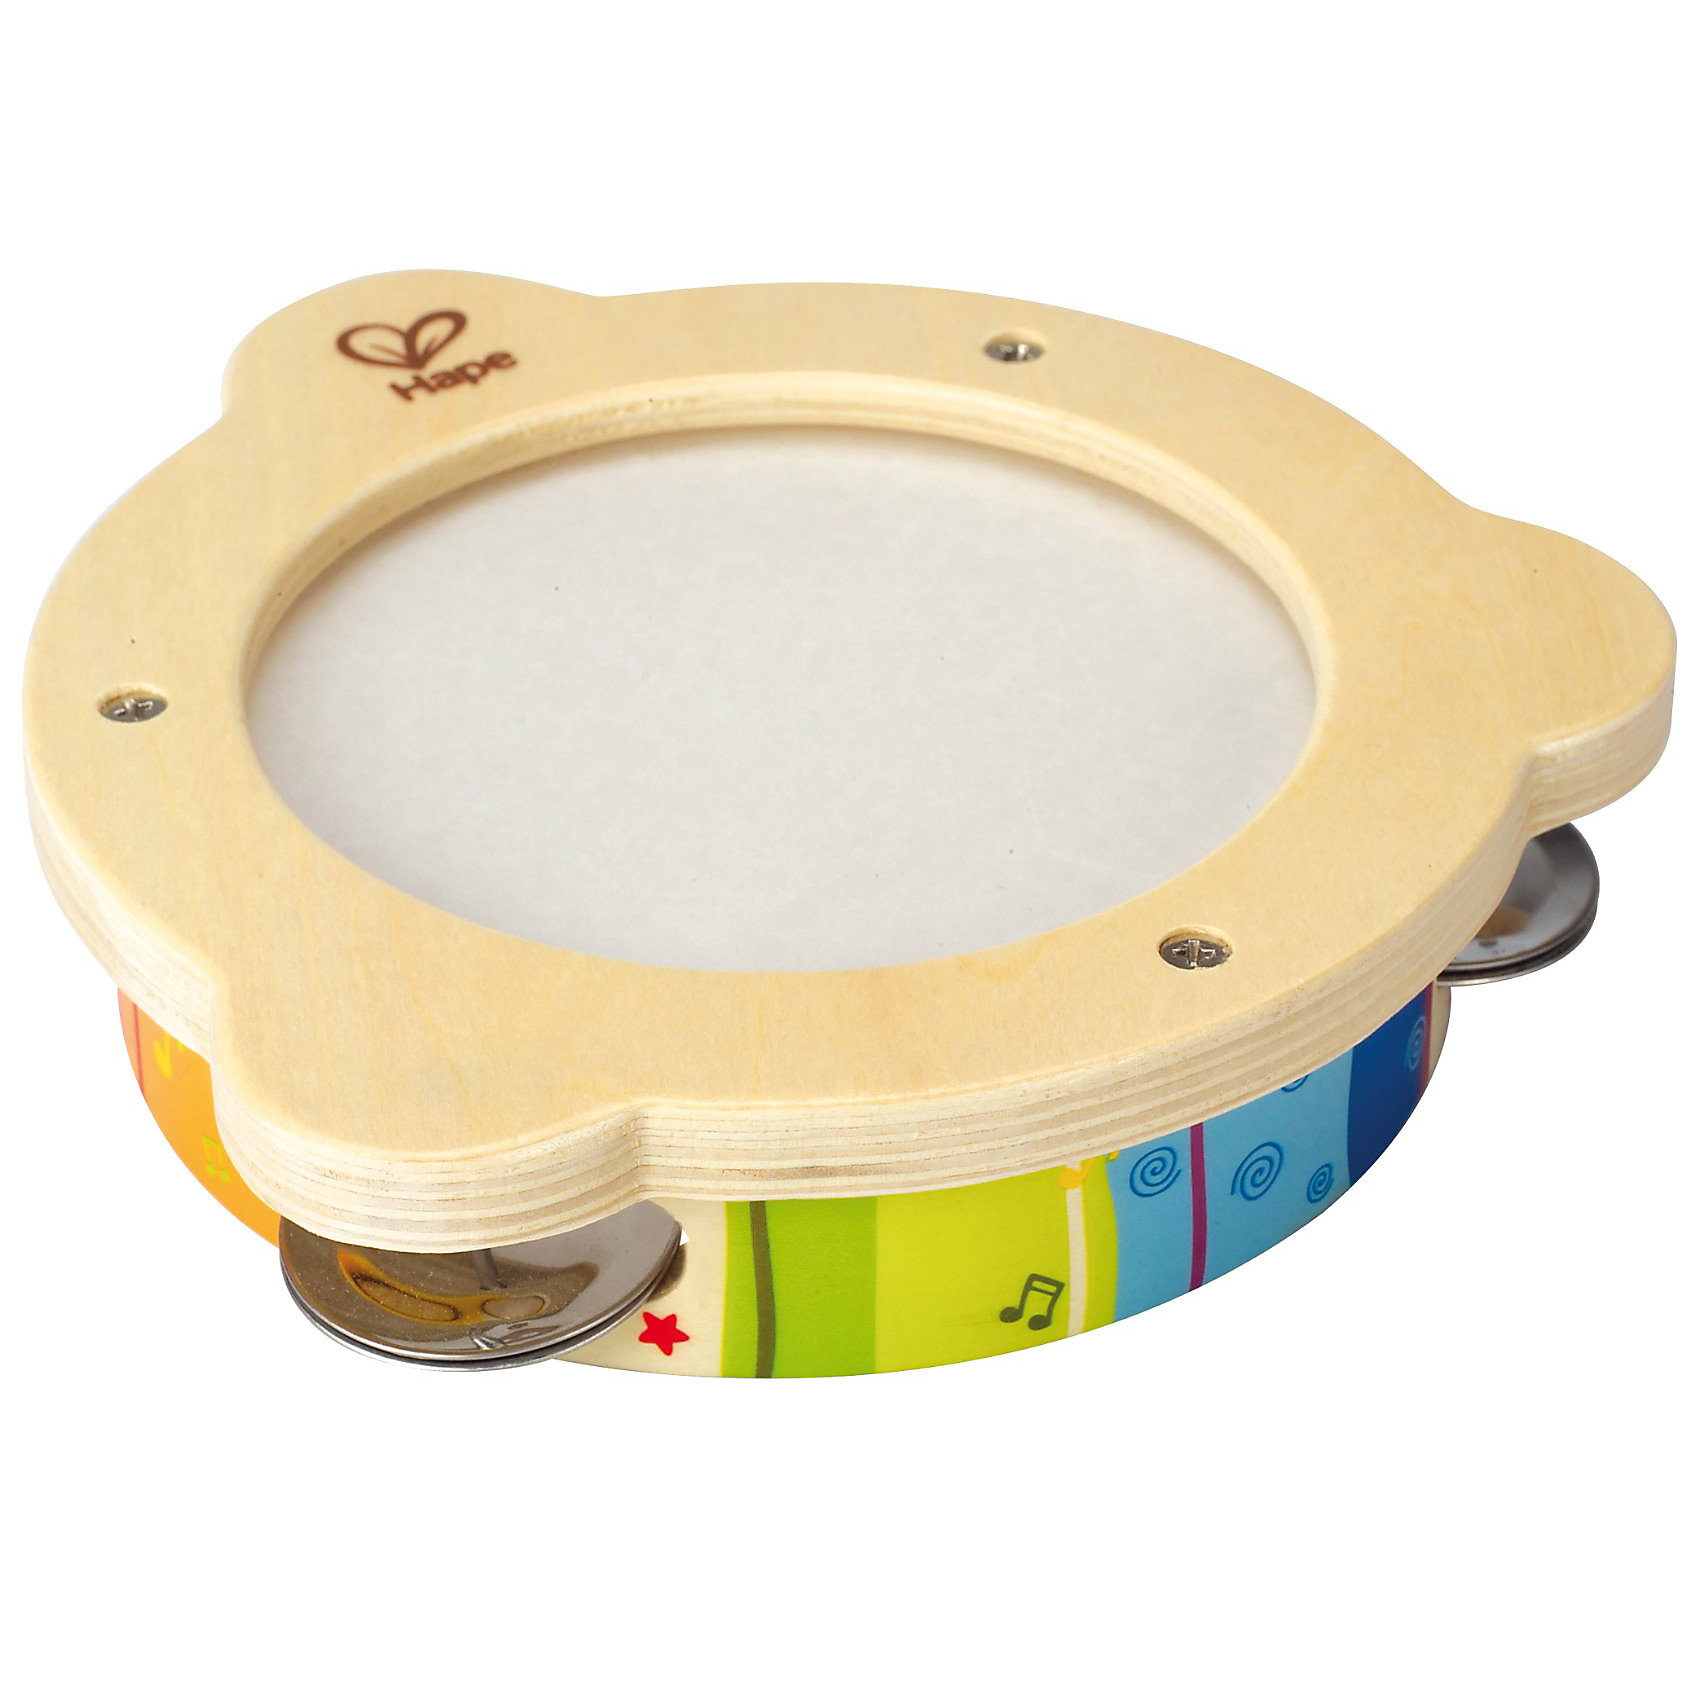 Игрушка Бубен, HapeС помощью этой музыкальной игрушки ребенок сможет без труда создавать всевозможные звуки и задавать темп игры. При движении, на бубне перекатываются разноцветные пластинки, издавая ритмичный звук.<br>Игра на этом инструменте поможет развить музыкальный слух, и координацию движений рук ребенка.<br><br>Дополнительная информация:<br><br>- Возраст: от 1 до 5 лет<br>- Материал: пластик, дерево<br>- Размеры: 17х17х3 см<br>- Вес: 0.1 кг<br><br>Игрушку Бубен, Hape можно купить в нашем интернет-магазине.<br><br>Ширина мм: 185<br>Глубина мм: 182<br>Высота мм: 66<br>Вес г: 231<br>Возраст от месяцев: 12<br>Возраст до месяцев: 36<br>Пол: Унисекс<br>Возраст: Детский<br>SKU: 2416653